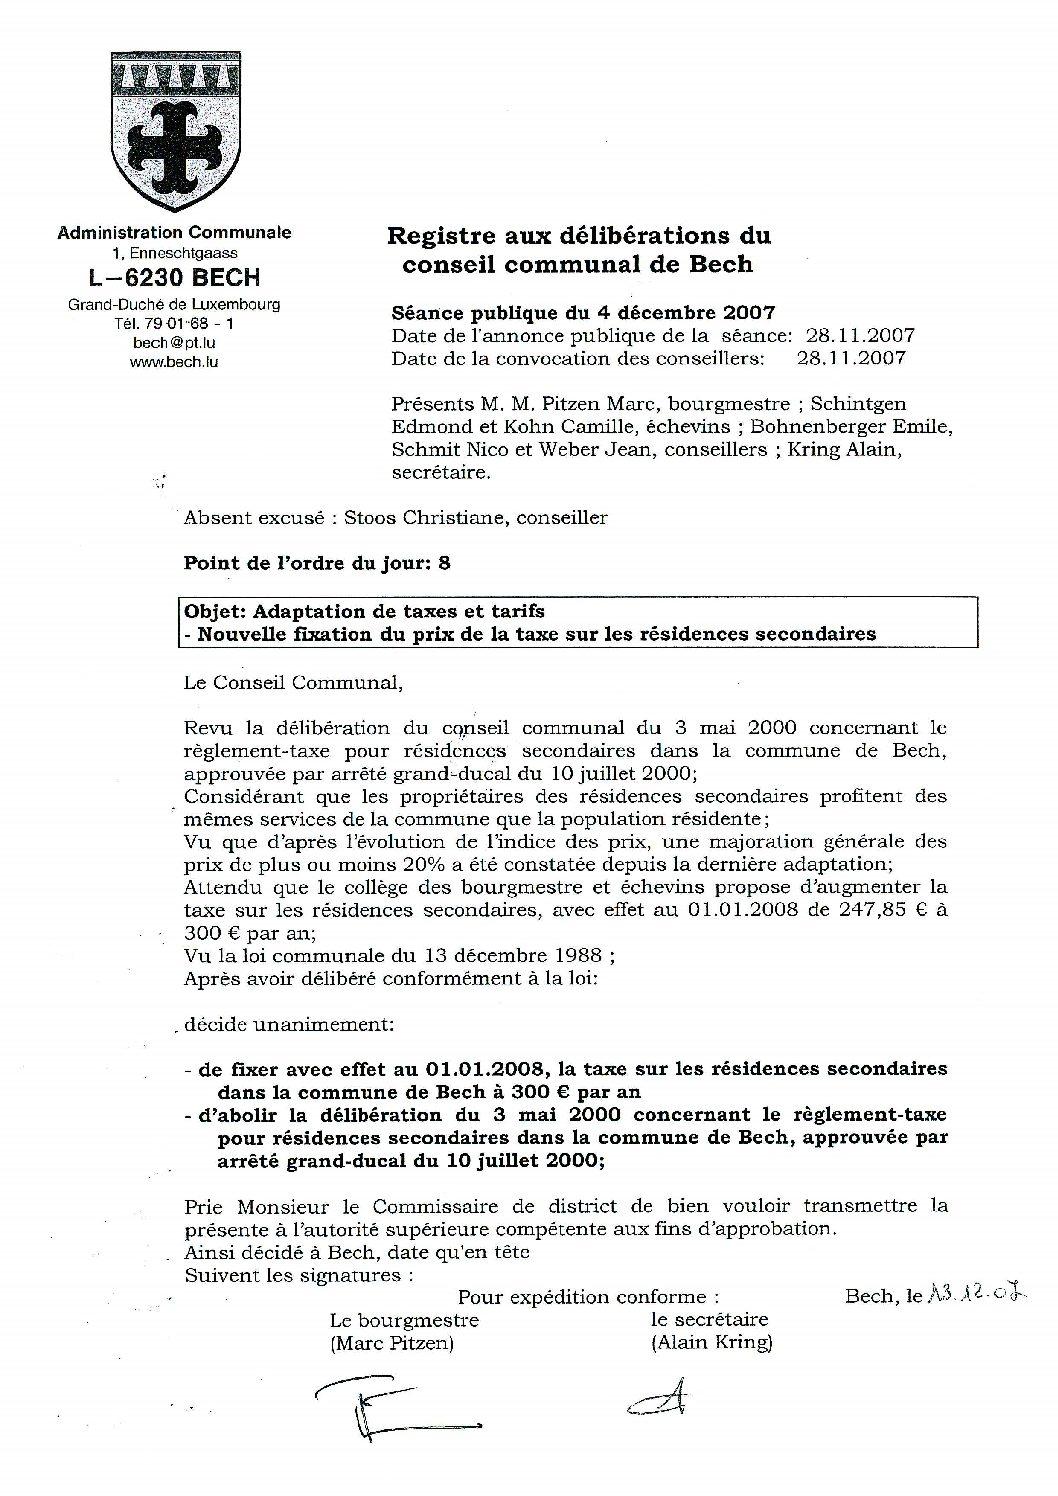 Taxe sur les résidences secondaires (règlement)